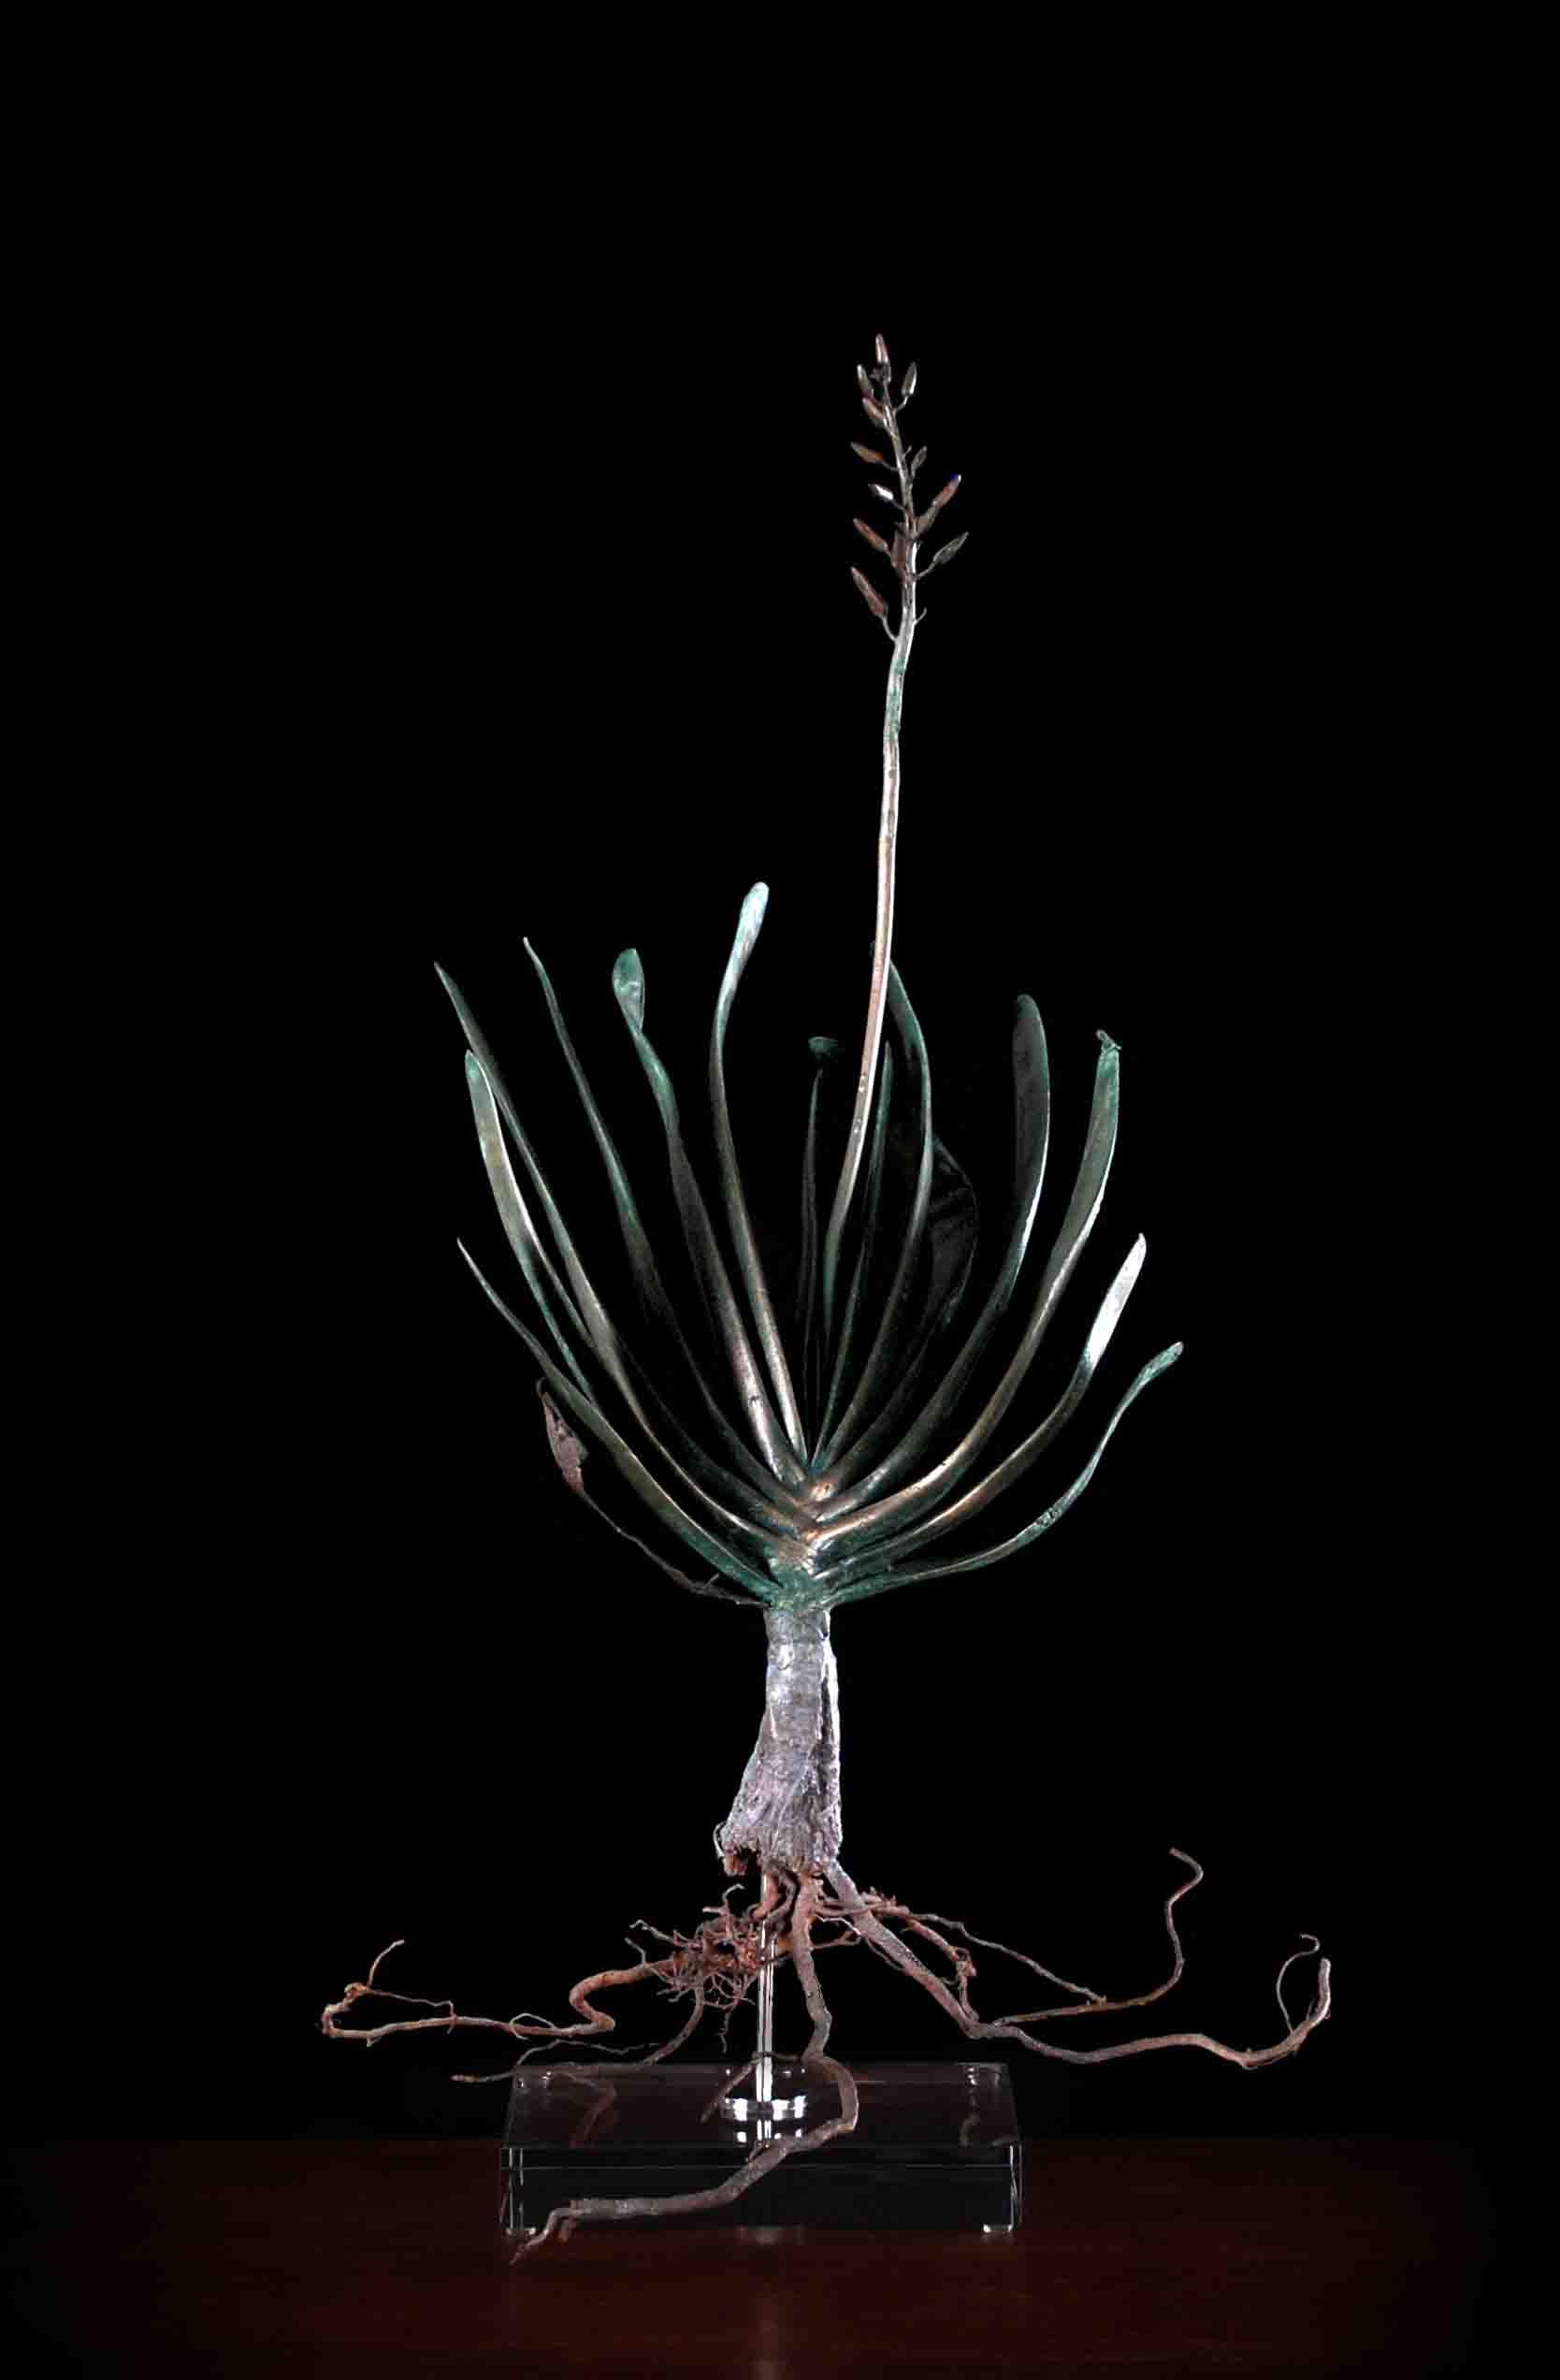 Aloe plicatilis (fan aloe)